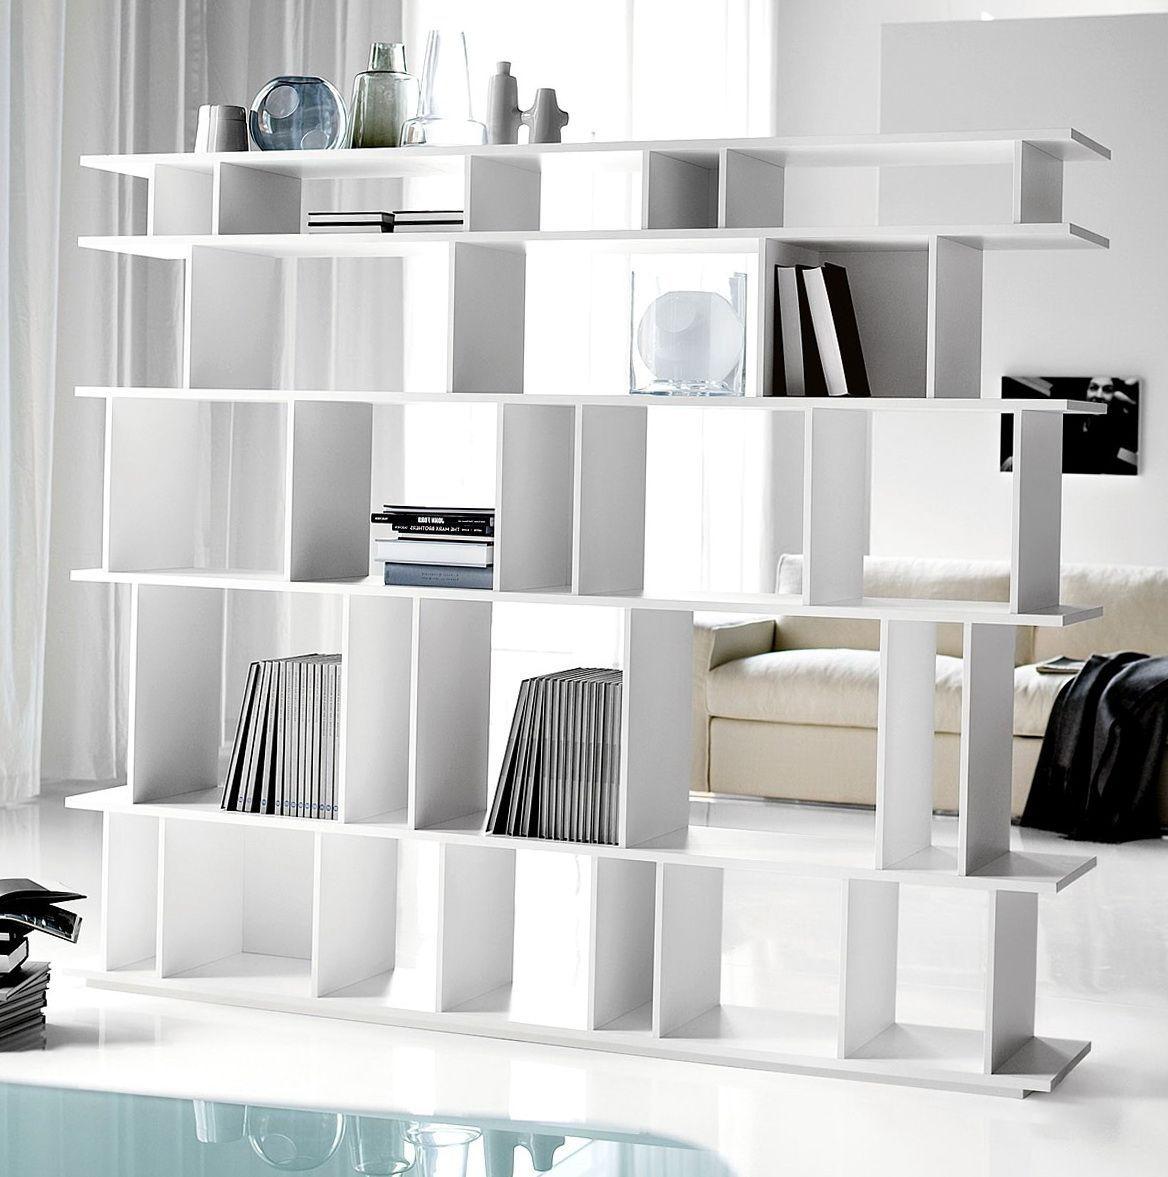 Shelving room divider google search freestandingroomdivider